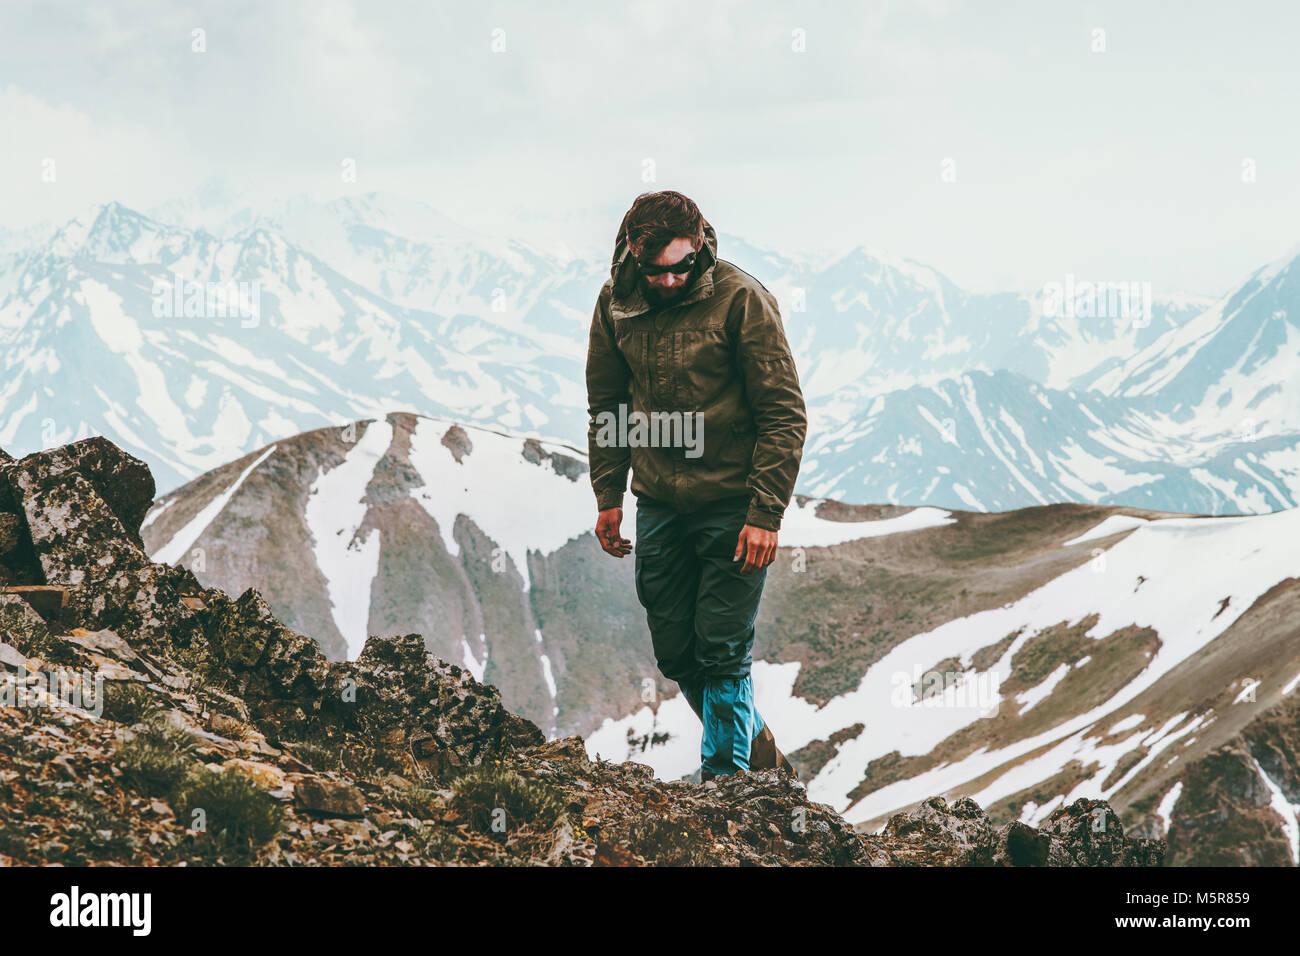 Berge wandern Mann Reisen Lifestyle Konzept Abenteuer Outdoor Aktiv Urlaub trekking sport wilde Natur Stockbild